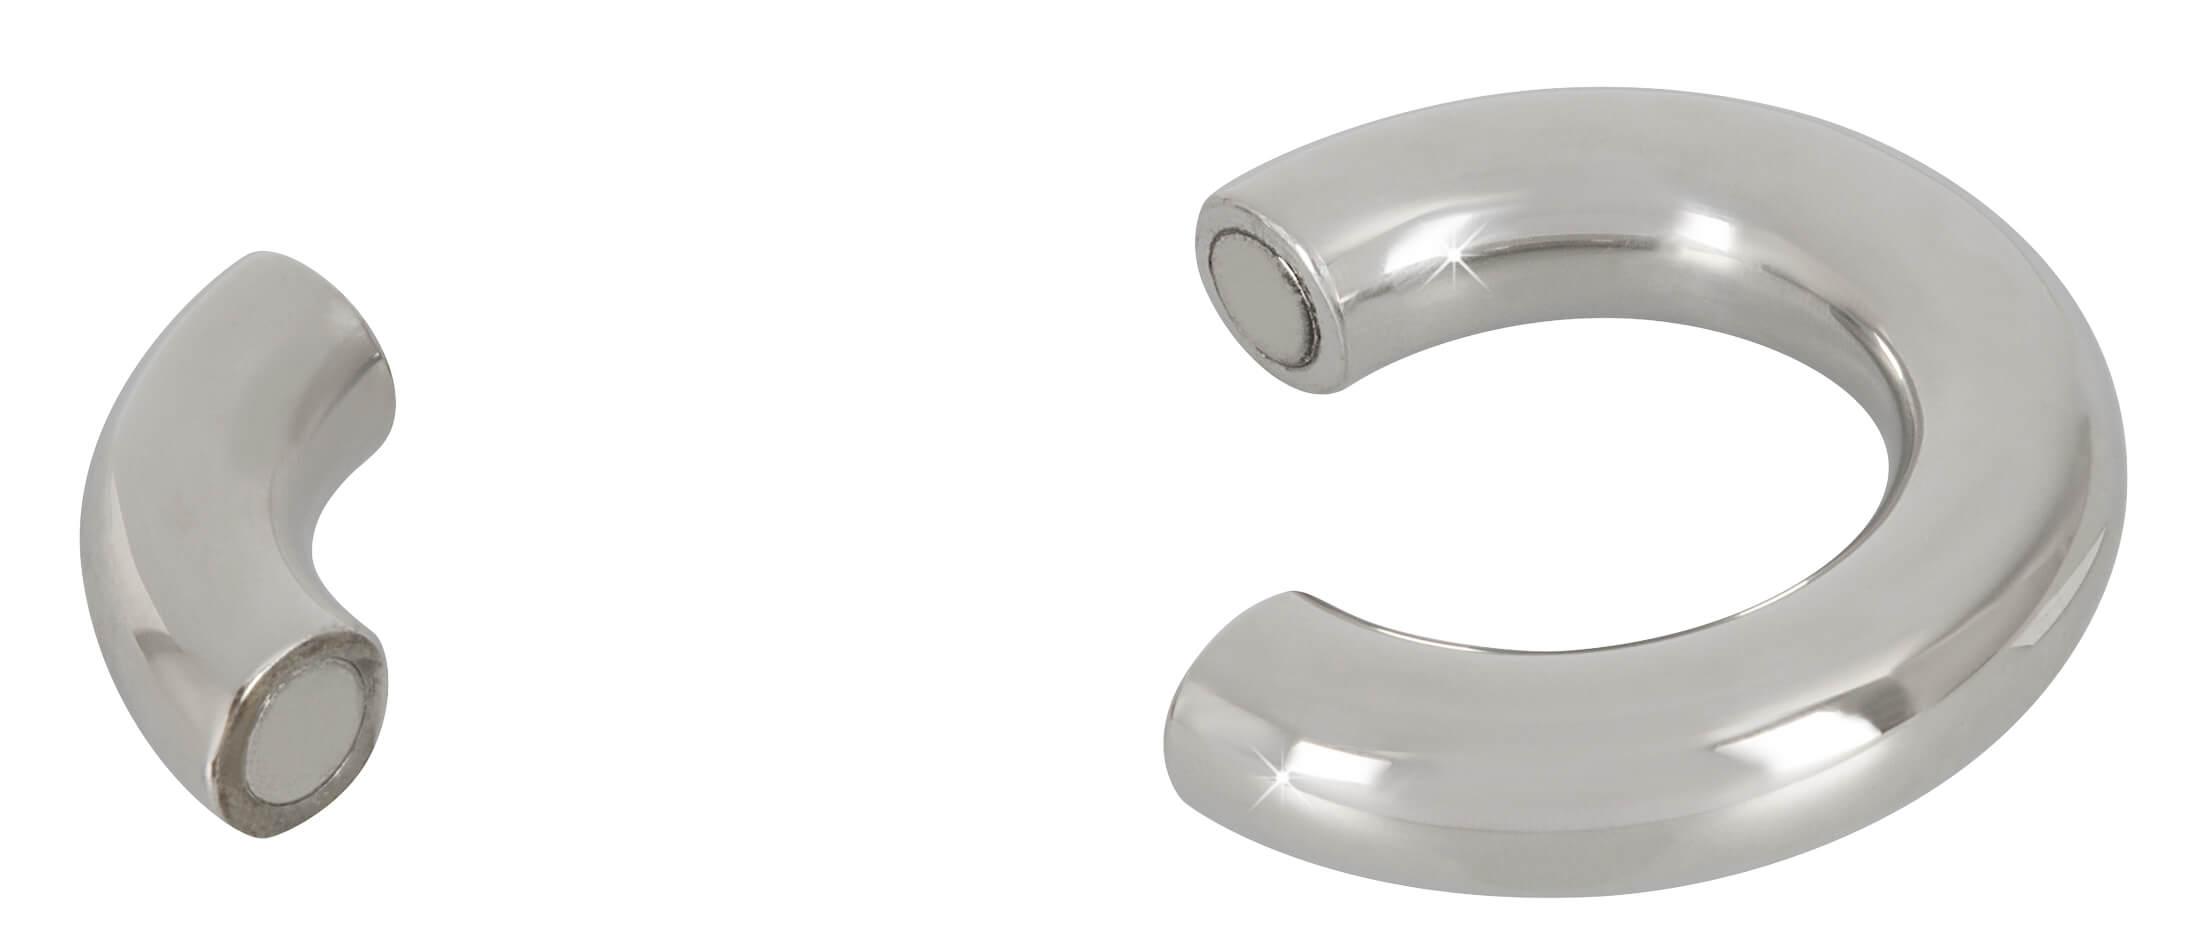 Vásárlás: Mágneses erekciógyűrű Péniszgyűrű árak összehasonlítása, Mágneseserekciógyűrű boltok